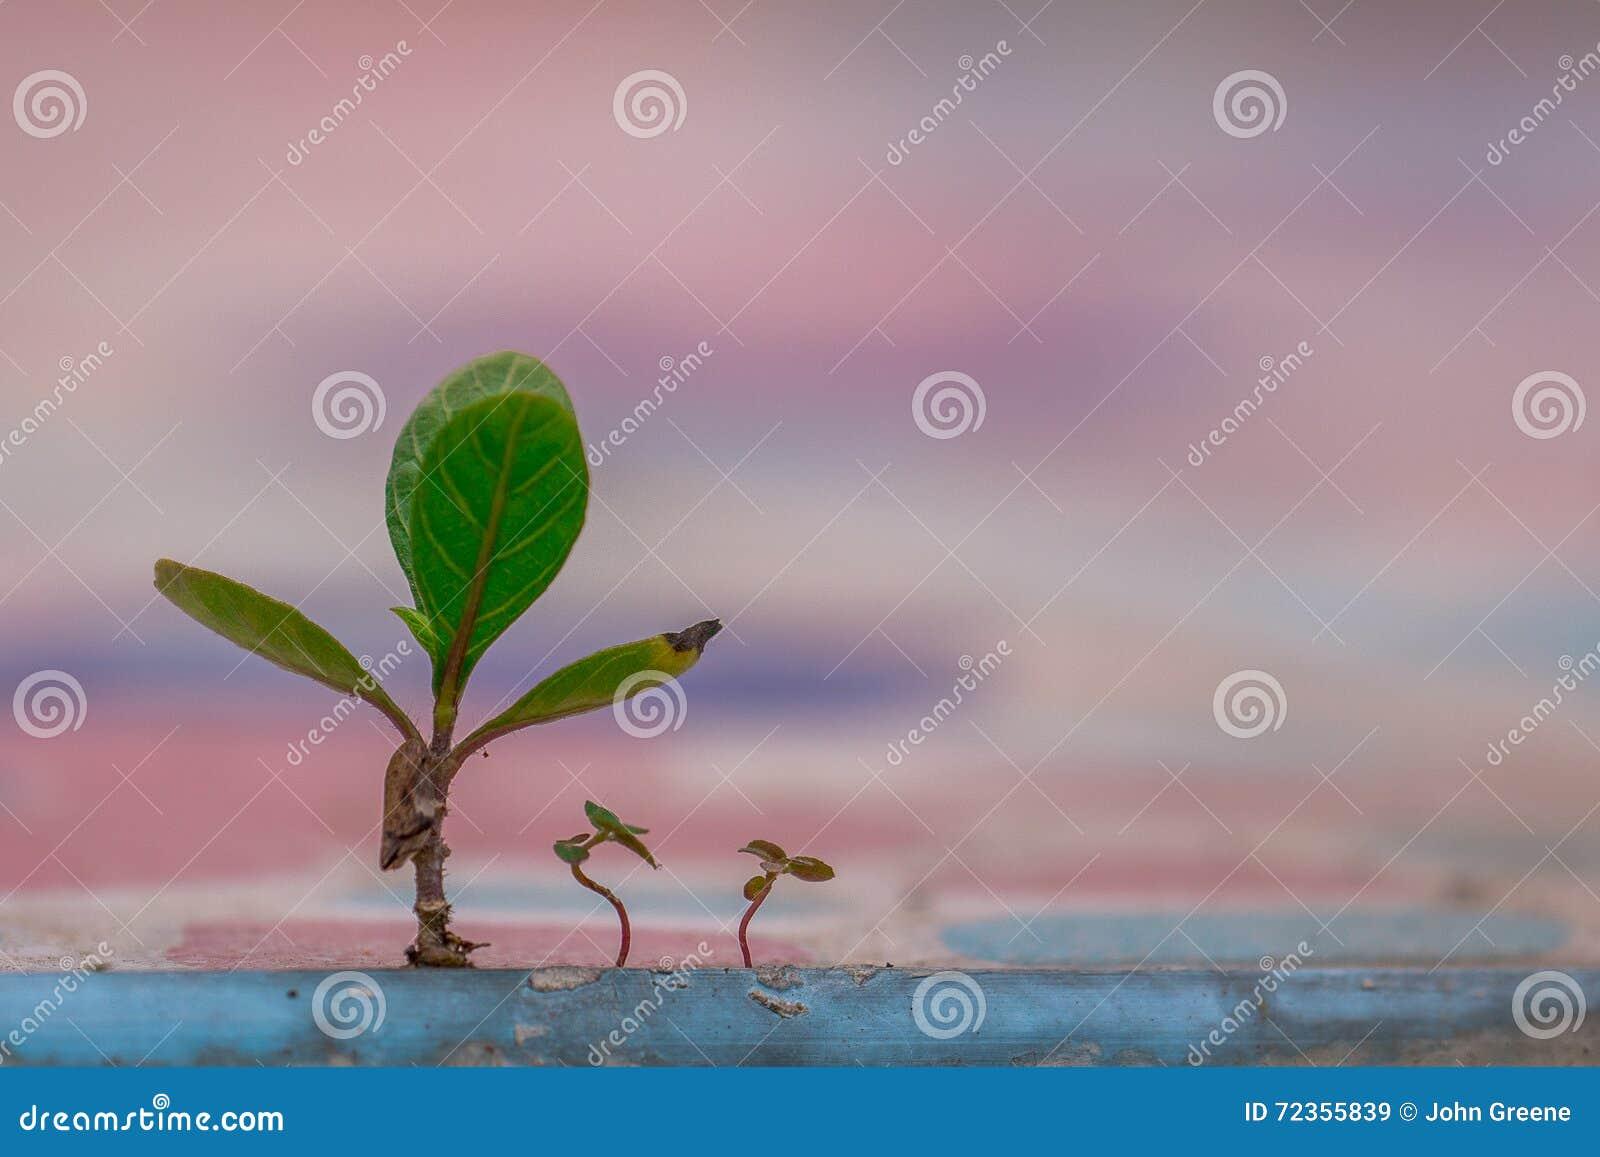 概念性图象、成长和育儿